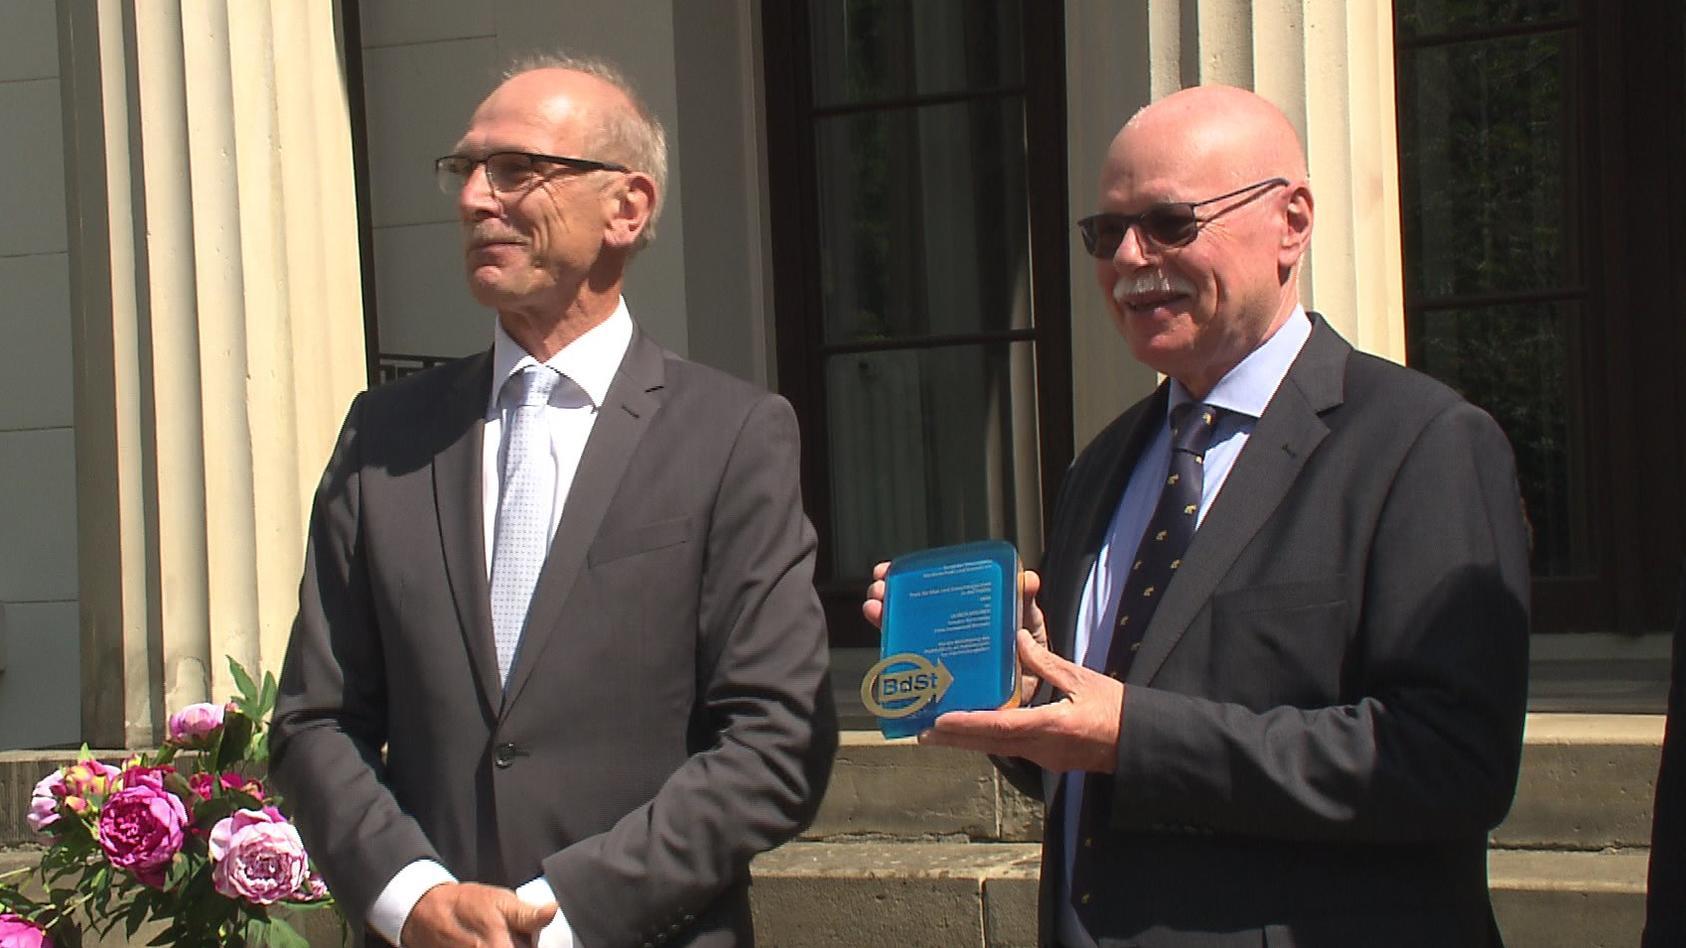 Bremens Innensenator Ulrich Mäurer erhält den Preis für Mut und Entschlossenheit in der Politik von Bernhard Zentgraf, Vorsitzender des Steuerzahlerbundes Niedersachsen und Bremen.